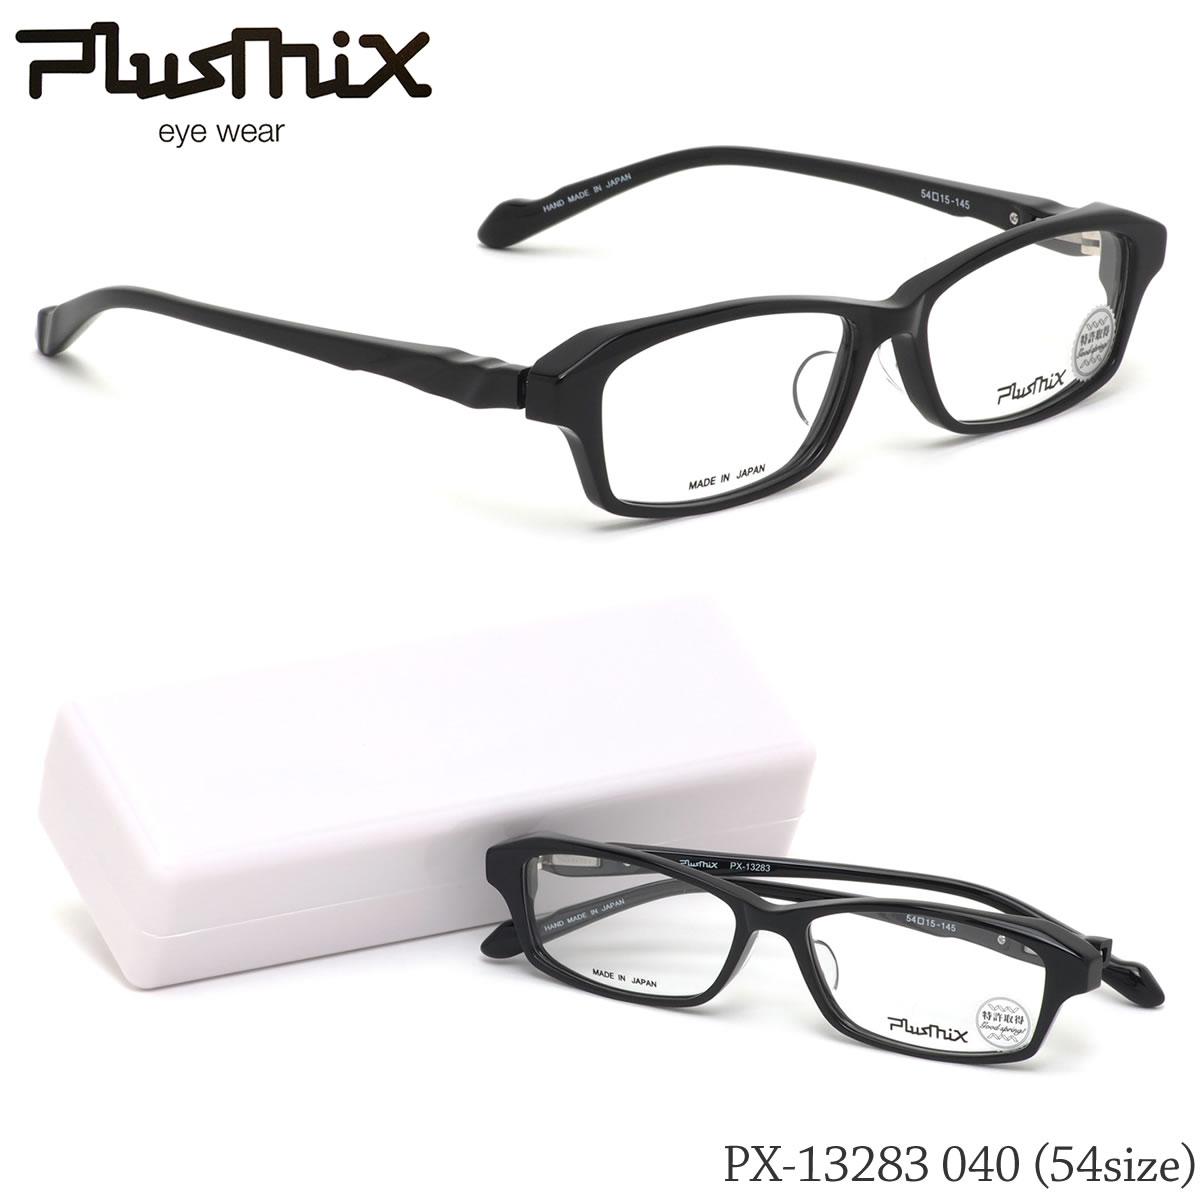 【10月30日からエントリーで全品ポイント20倍】プラスミックス PlusMix メガネPX-13283 040 54サイズ日本製 シャープ ビジネス ベーシック 特許取得 バネ丁番 バネ蝶番 MADE IN JAPAN伊達メガネレンズ無料 メンズ レディース